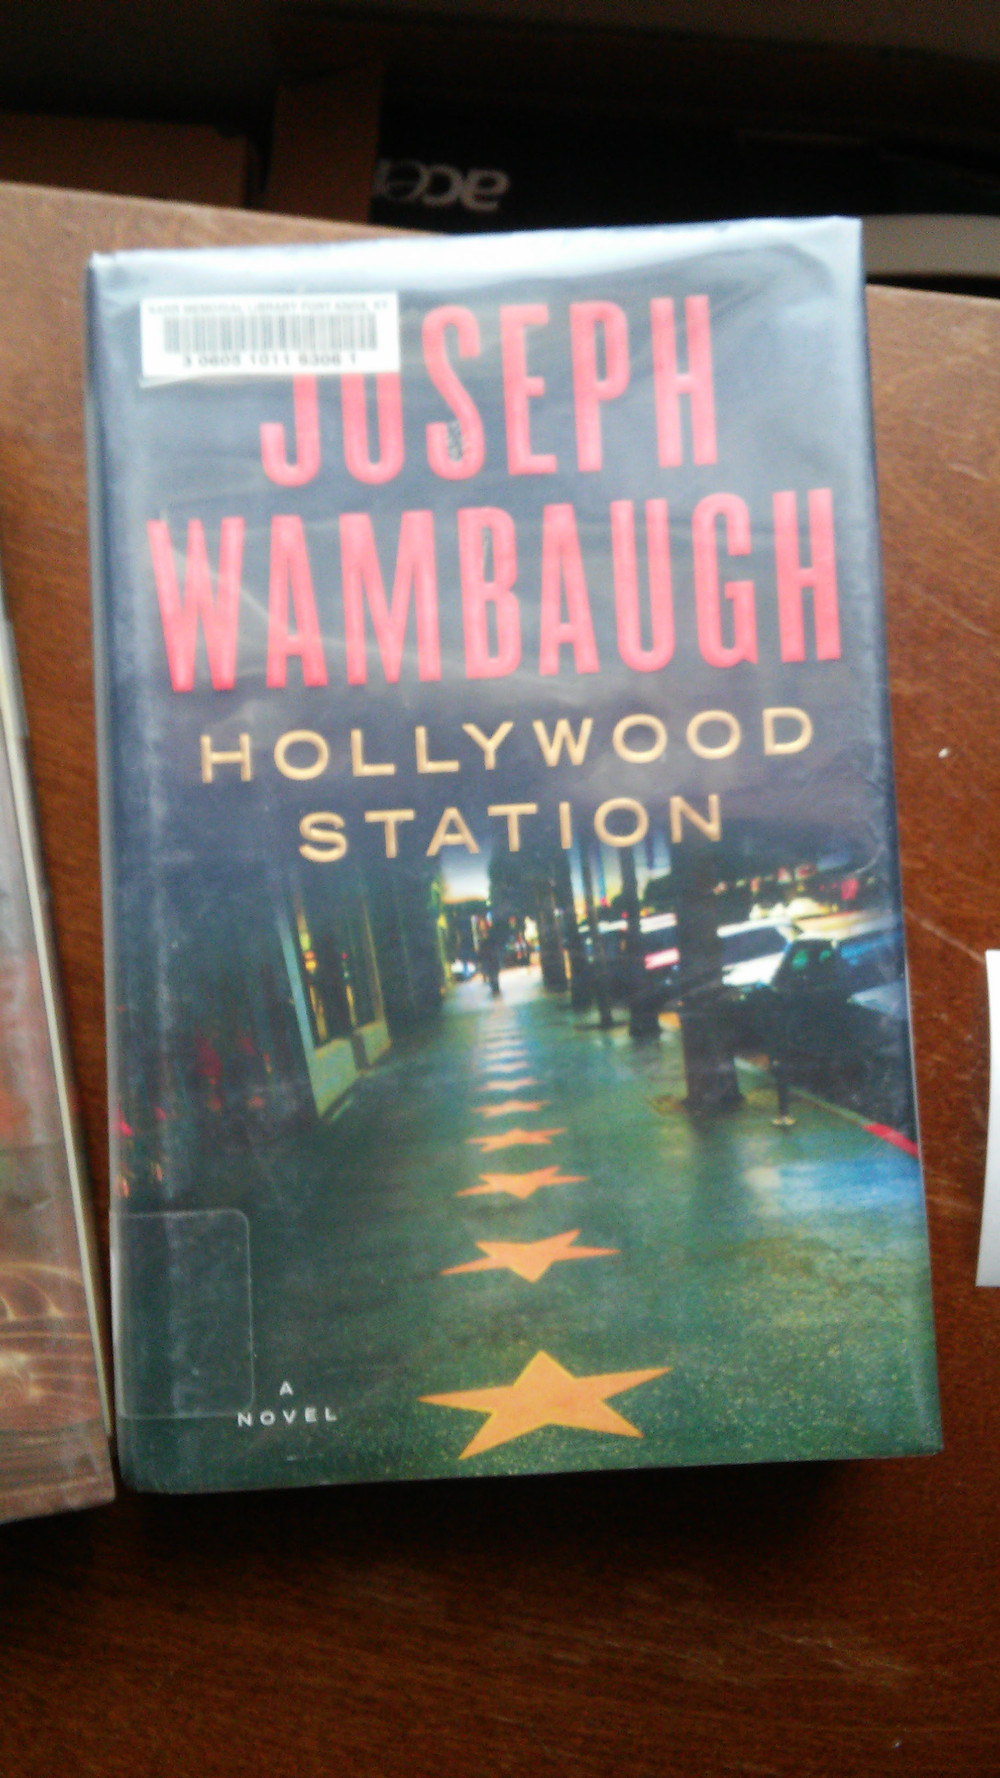 Hollywood Station by Joseph Wambaugh